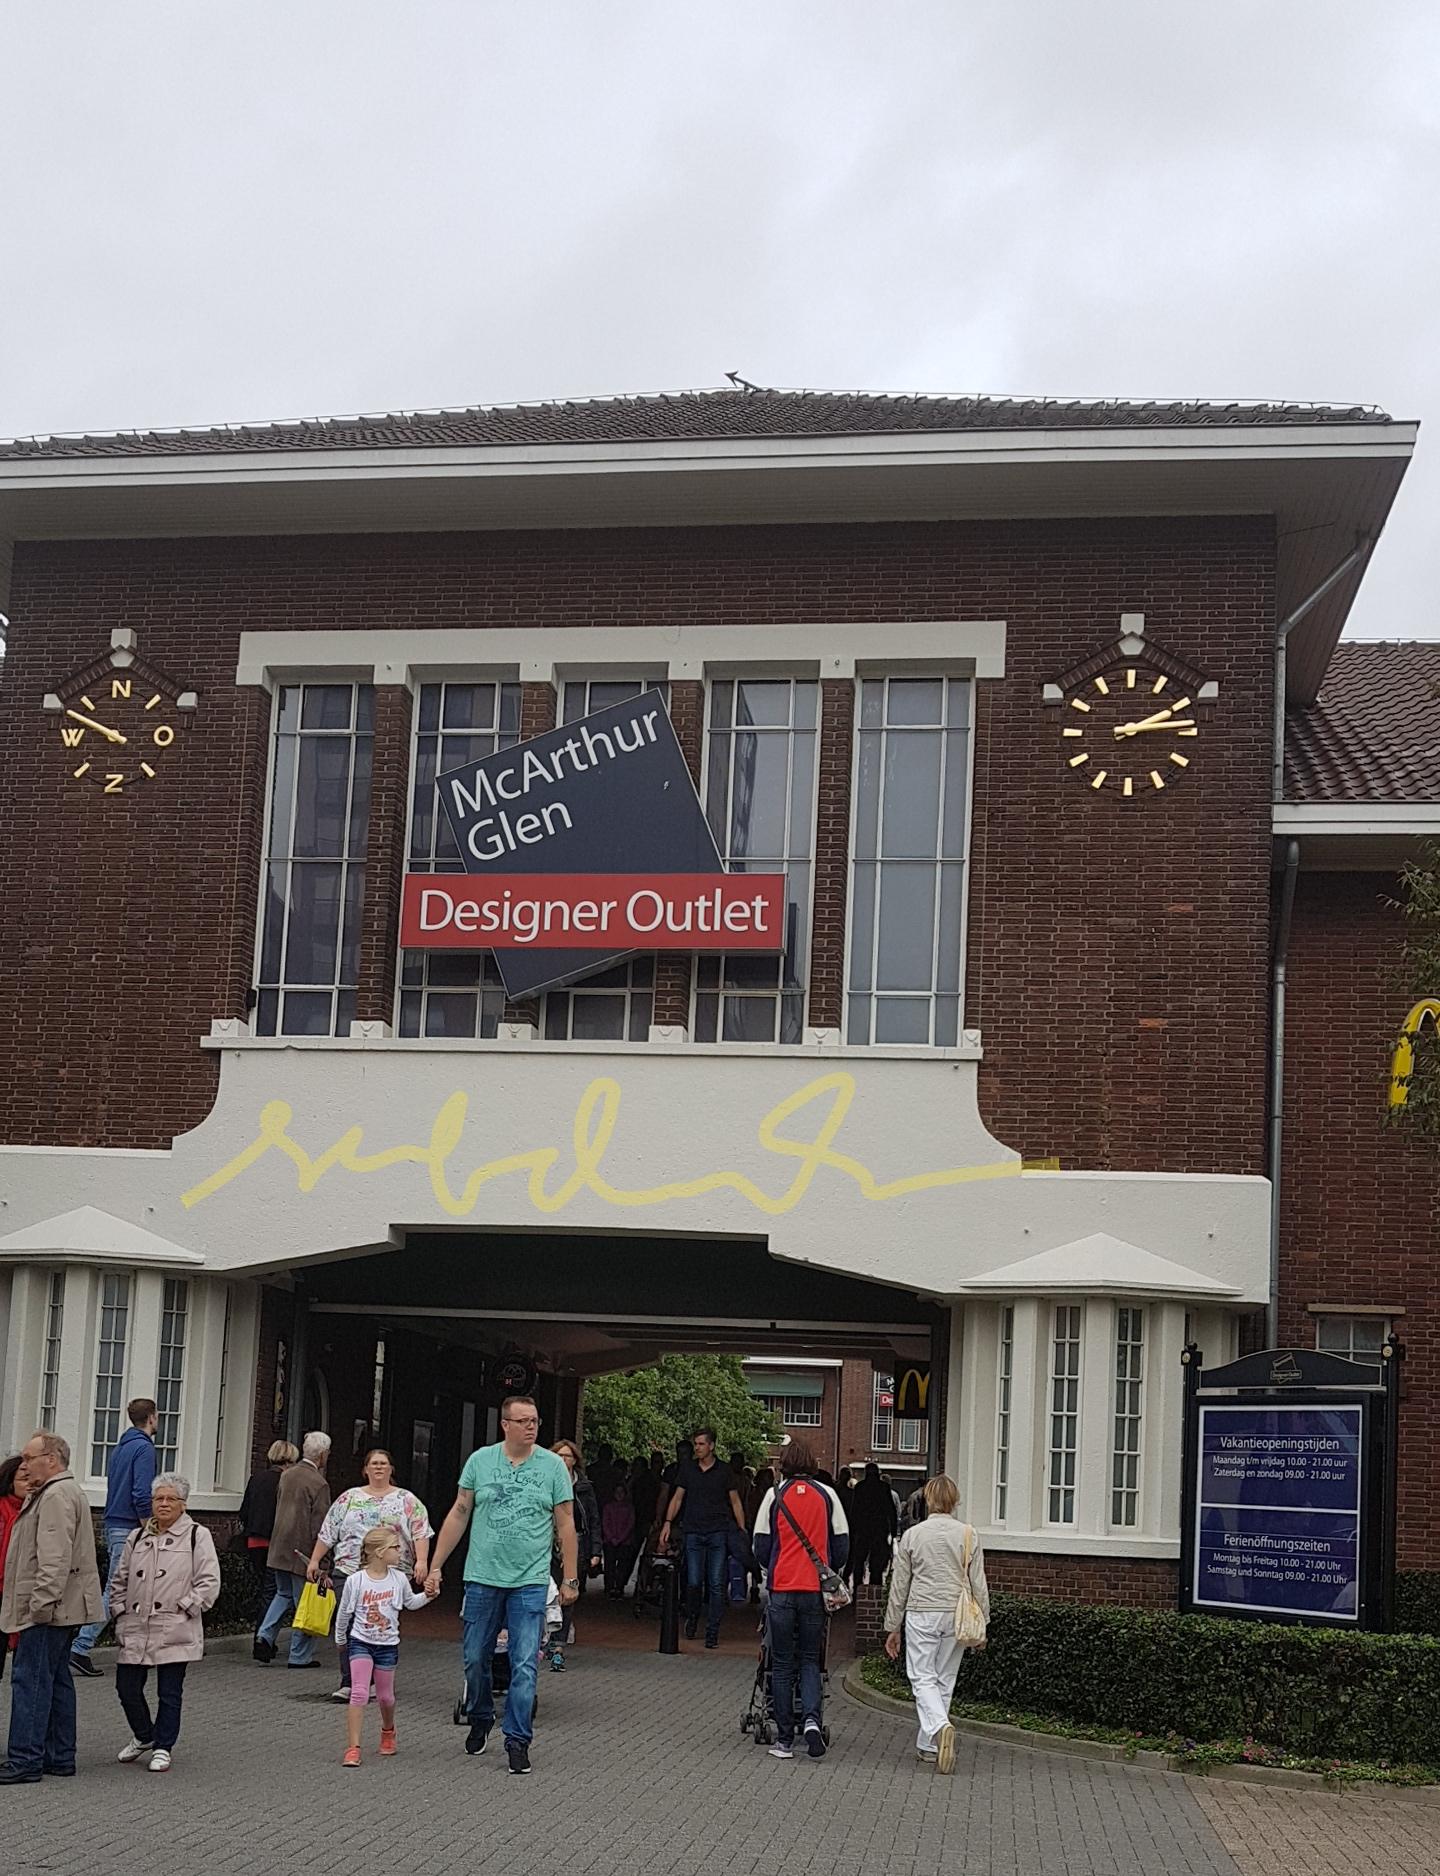 FO Roermond, Belanja Outlet di Belanda, Belanja oleh-oleh di Belanda, Branded Harga Murah di Belanda, Pemandu Wisata Indonesia di Belanda dan Eropa